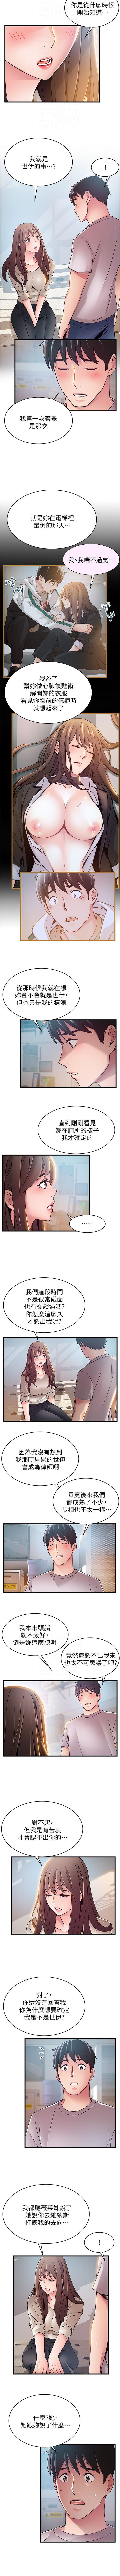 (周7)弱点 1-66 中文翻译(更新中) 284